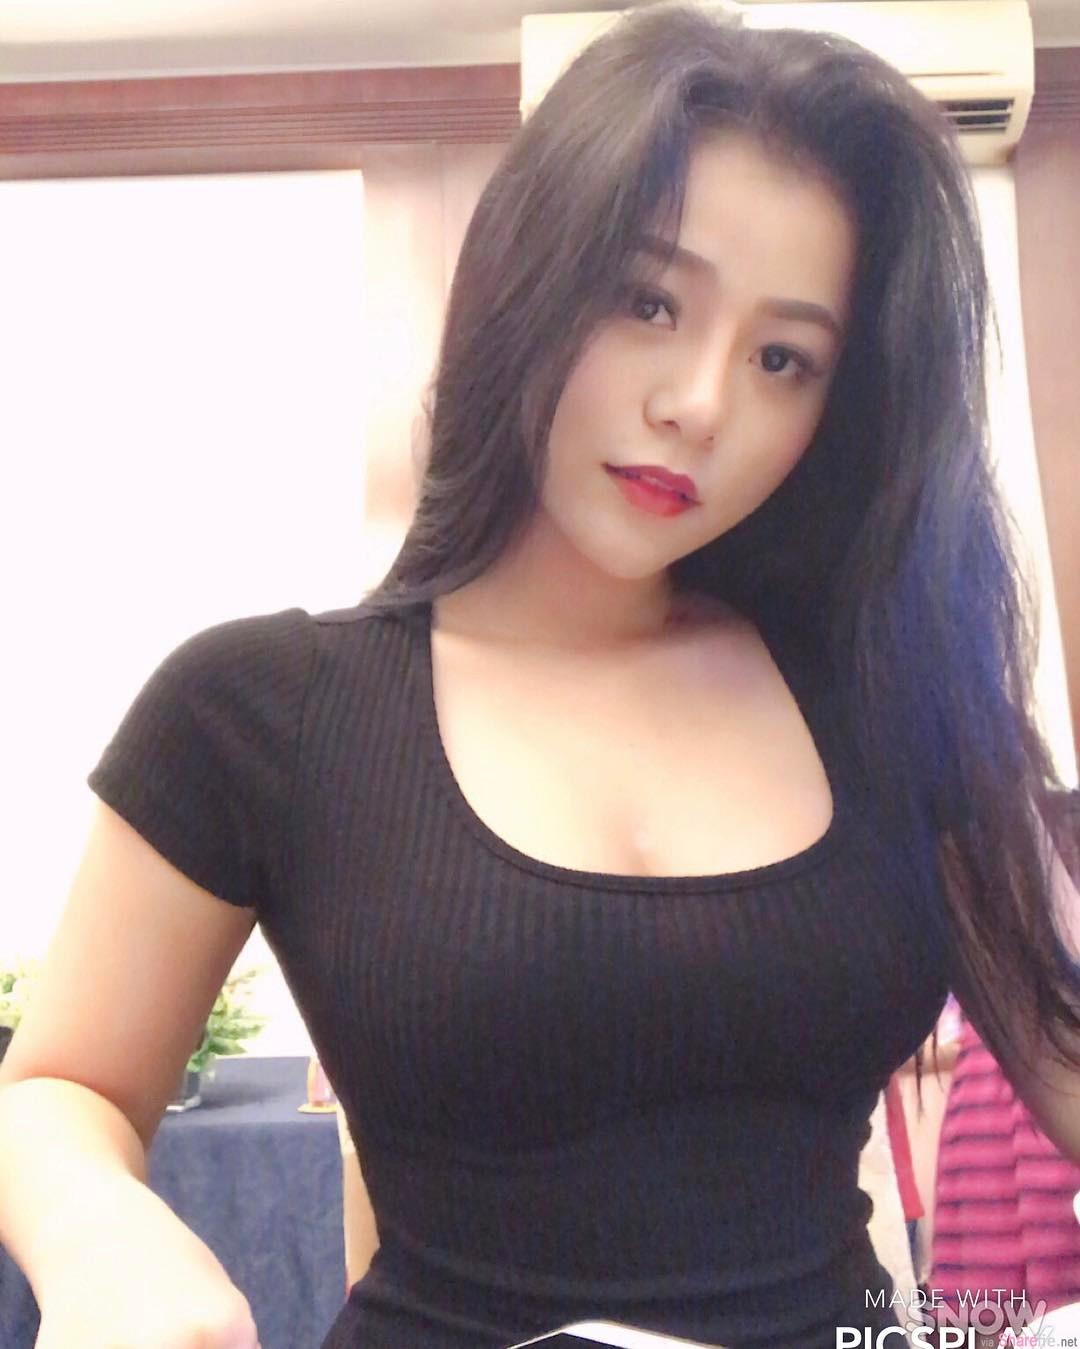 越南正妹,不科学乳量网友全暴动